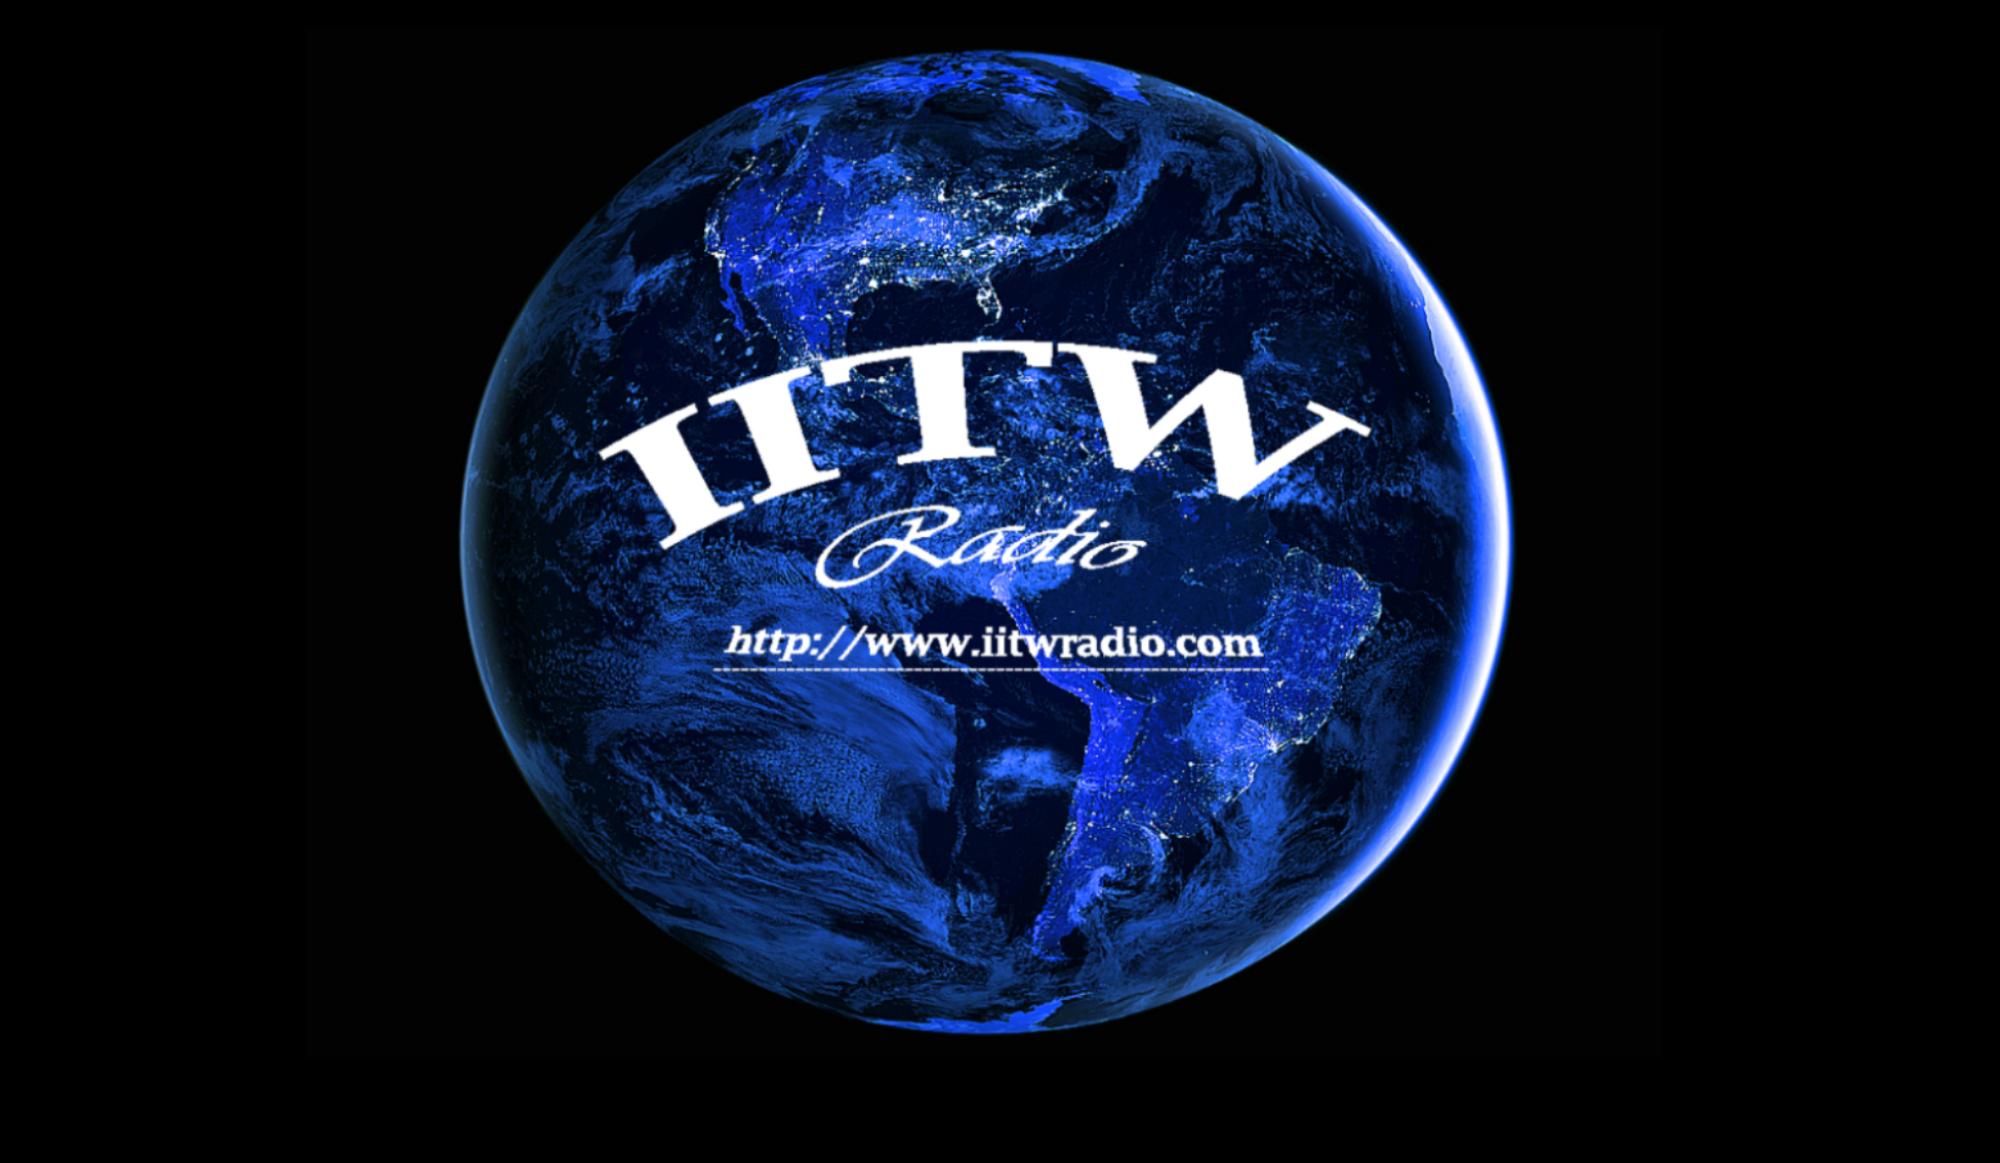 IITW Radio